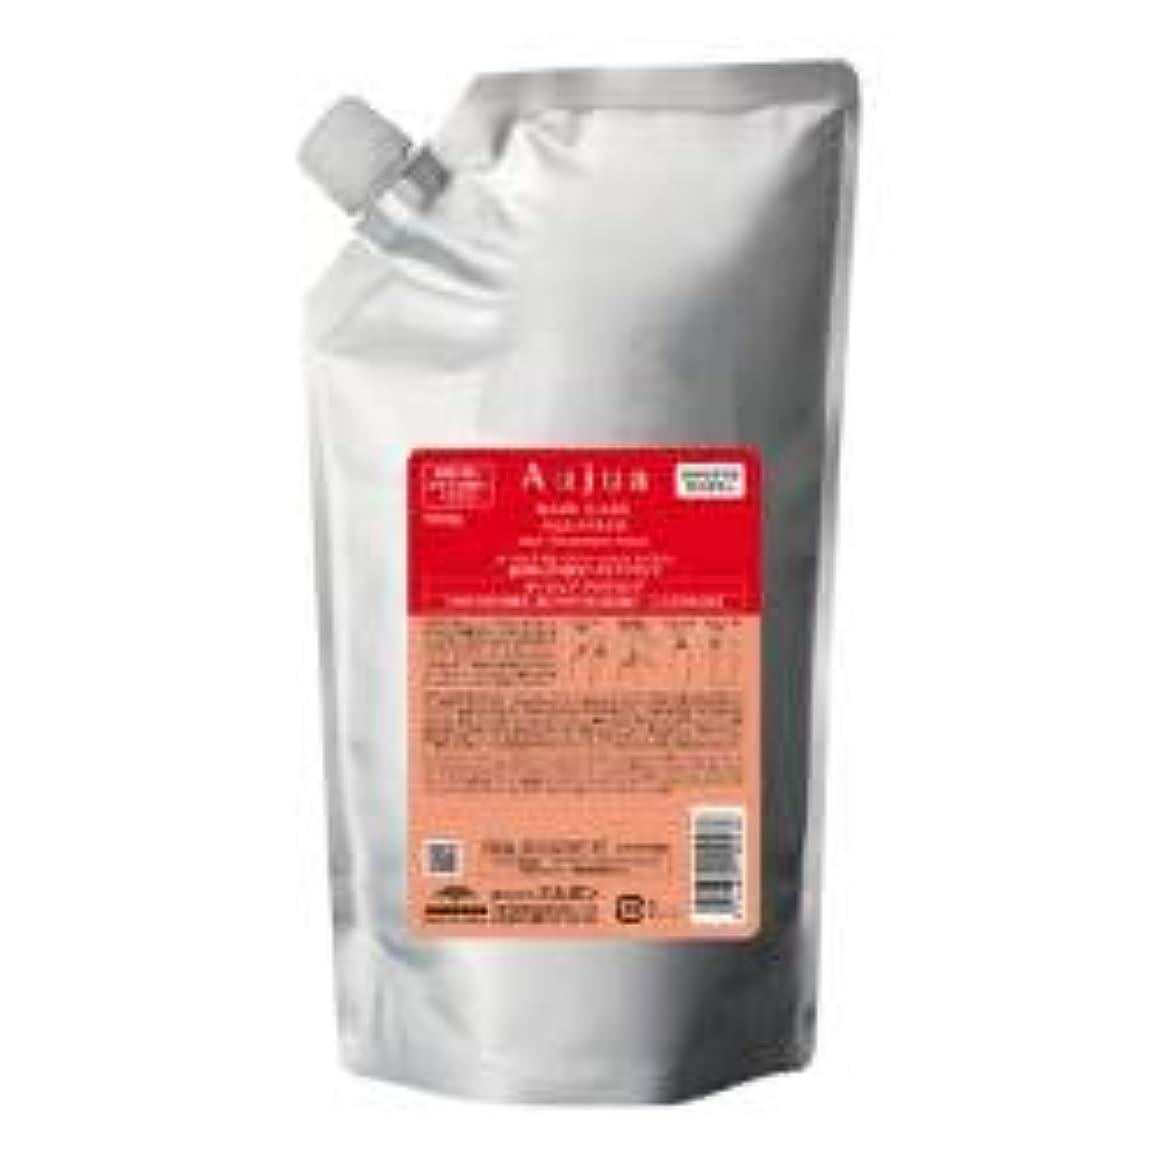 行く消費者クラシックオージュア AQ アクアヴィア ヘアトリートメント モイスト(1kg)